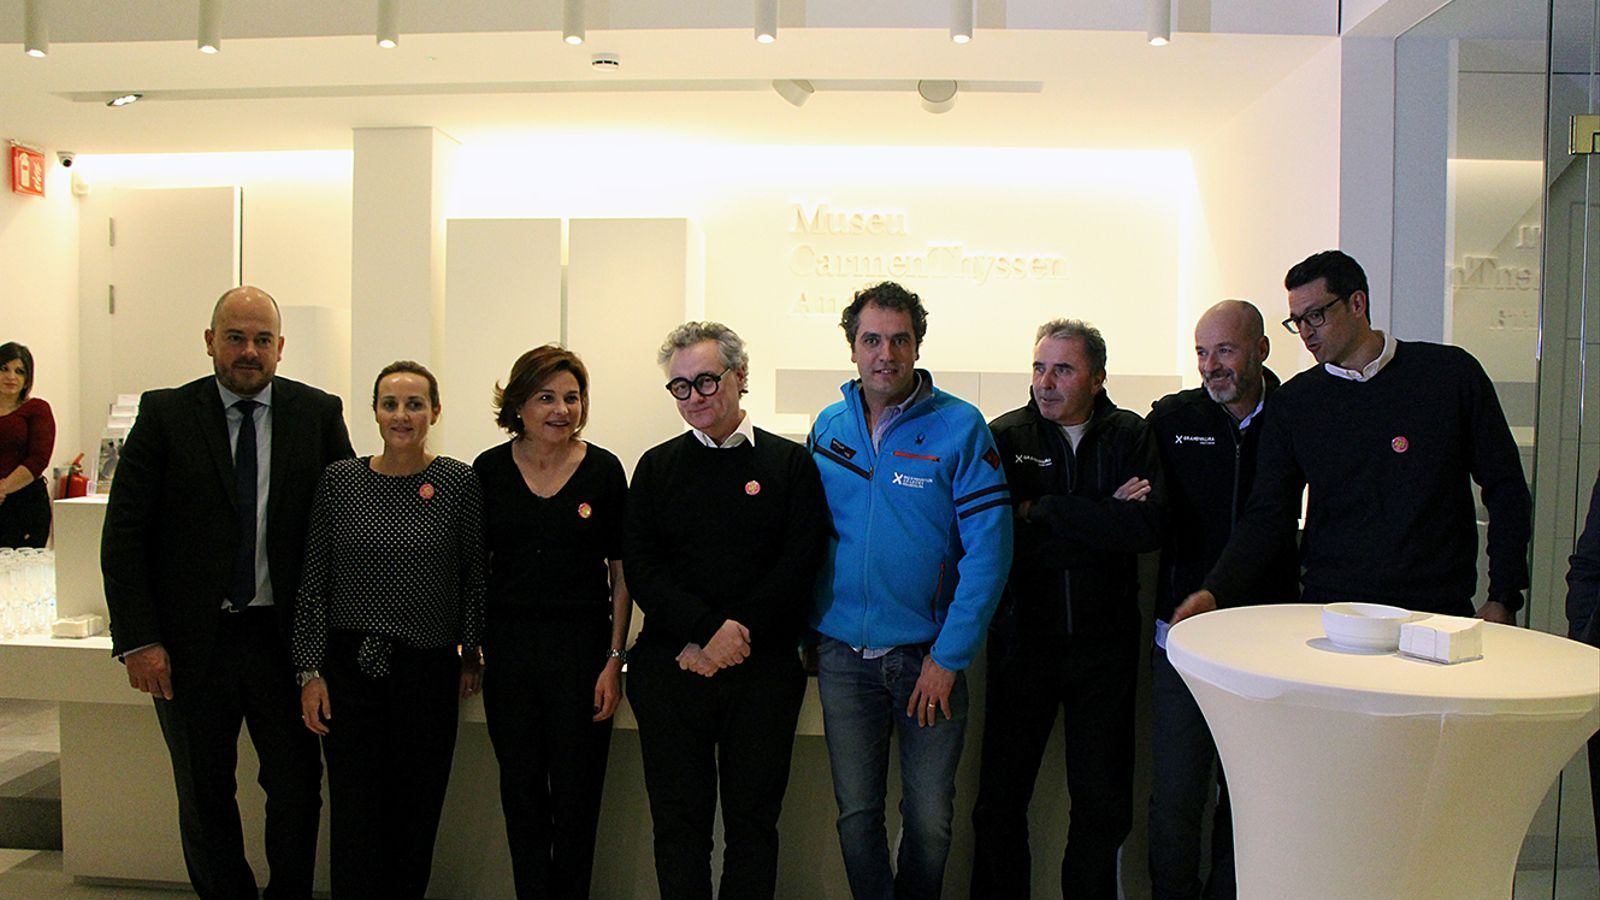 Les autoritats acompanyen al pastisser, Christian Escribà, en una foto de família. / M. M. (ANA)